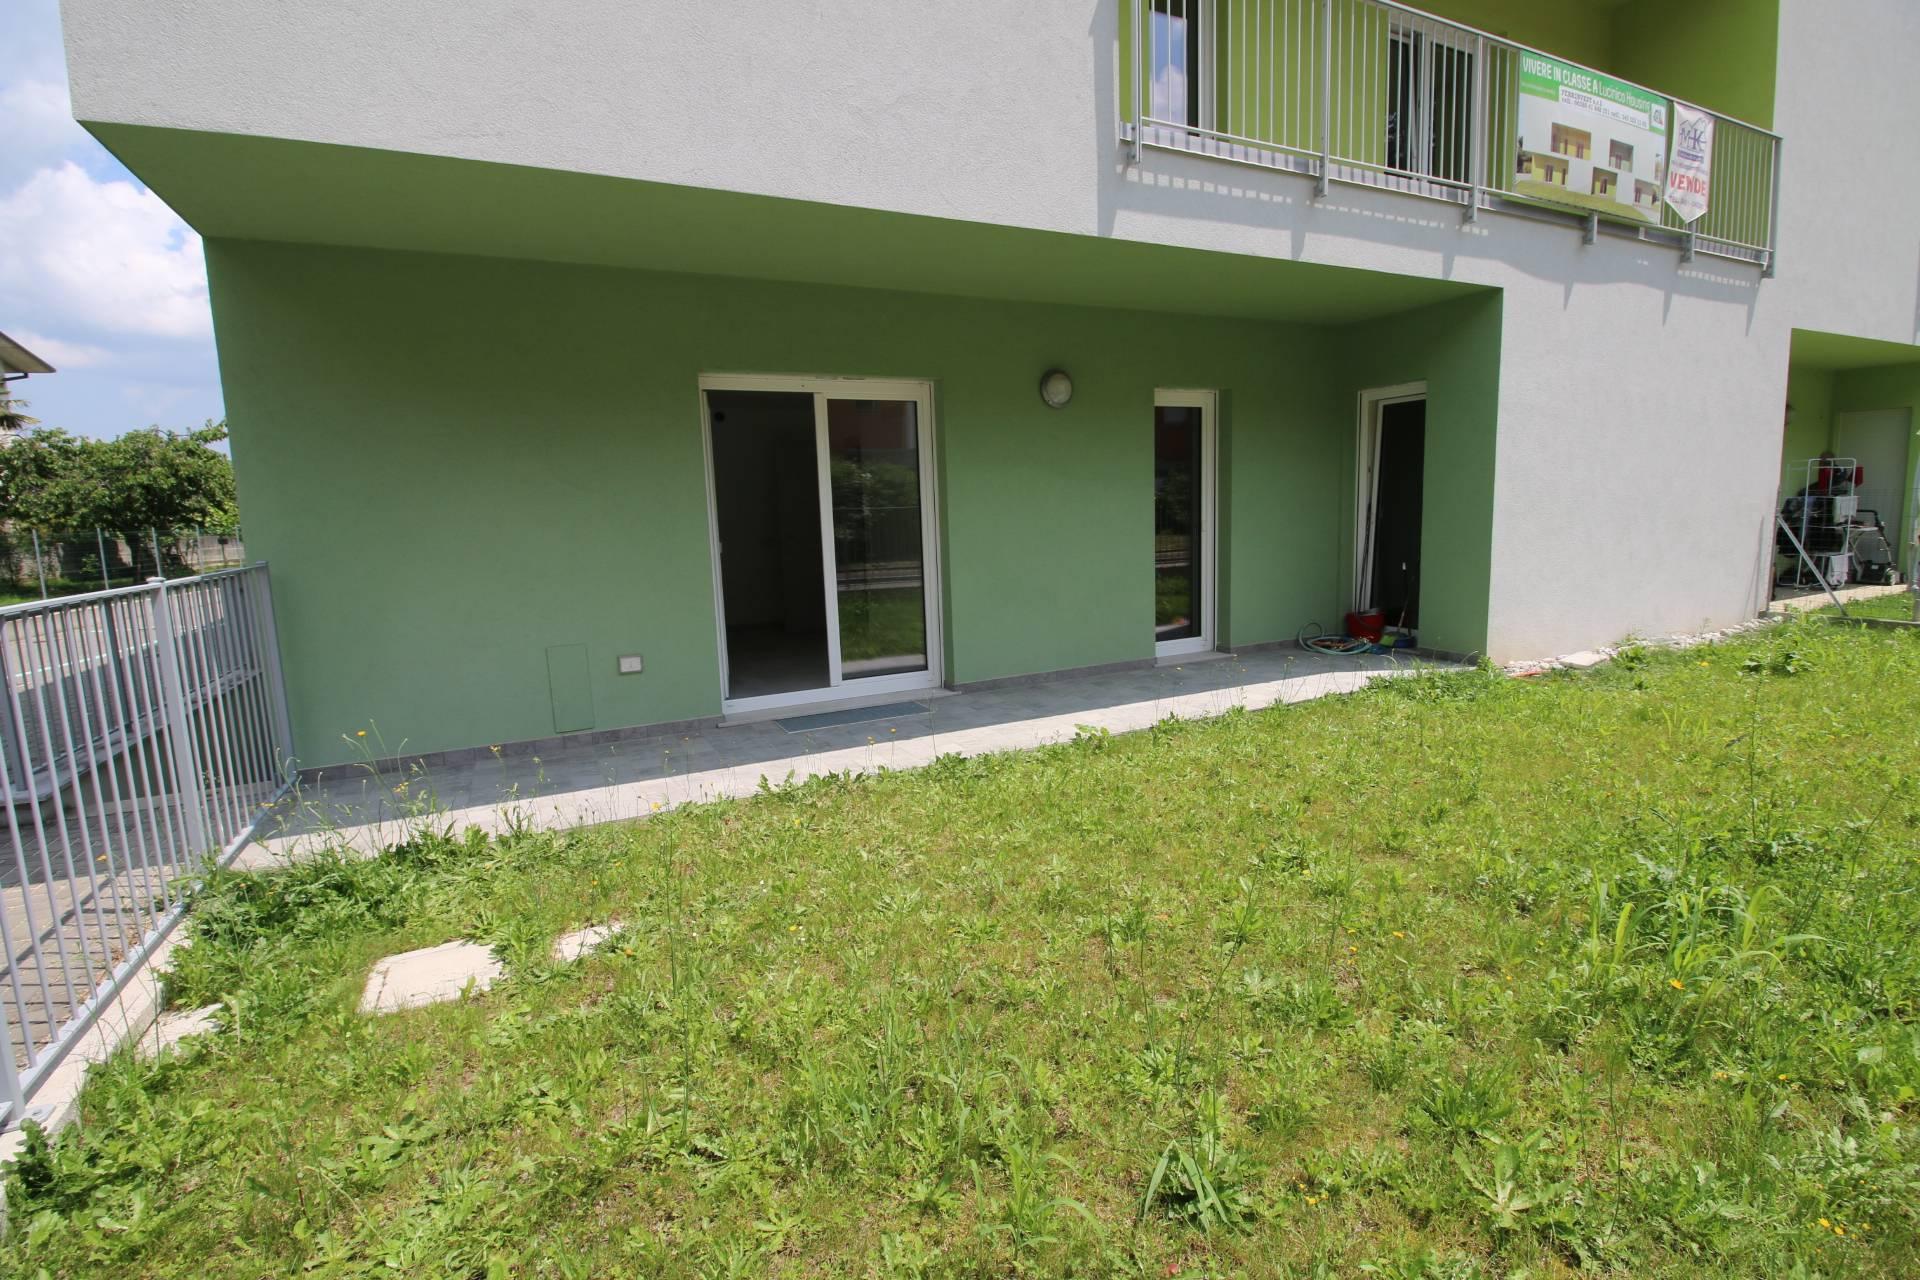 Appartamento in vendita a Gorizia, 3 locali, zona Zona: Lucinico, prezzo € 129.000 | CambioCasa.it